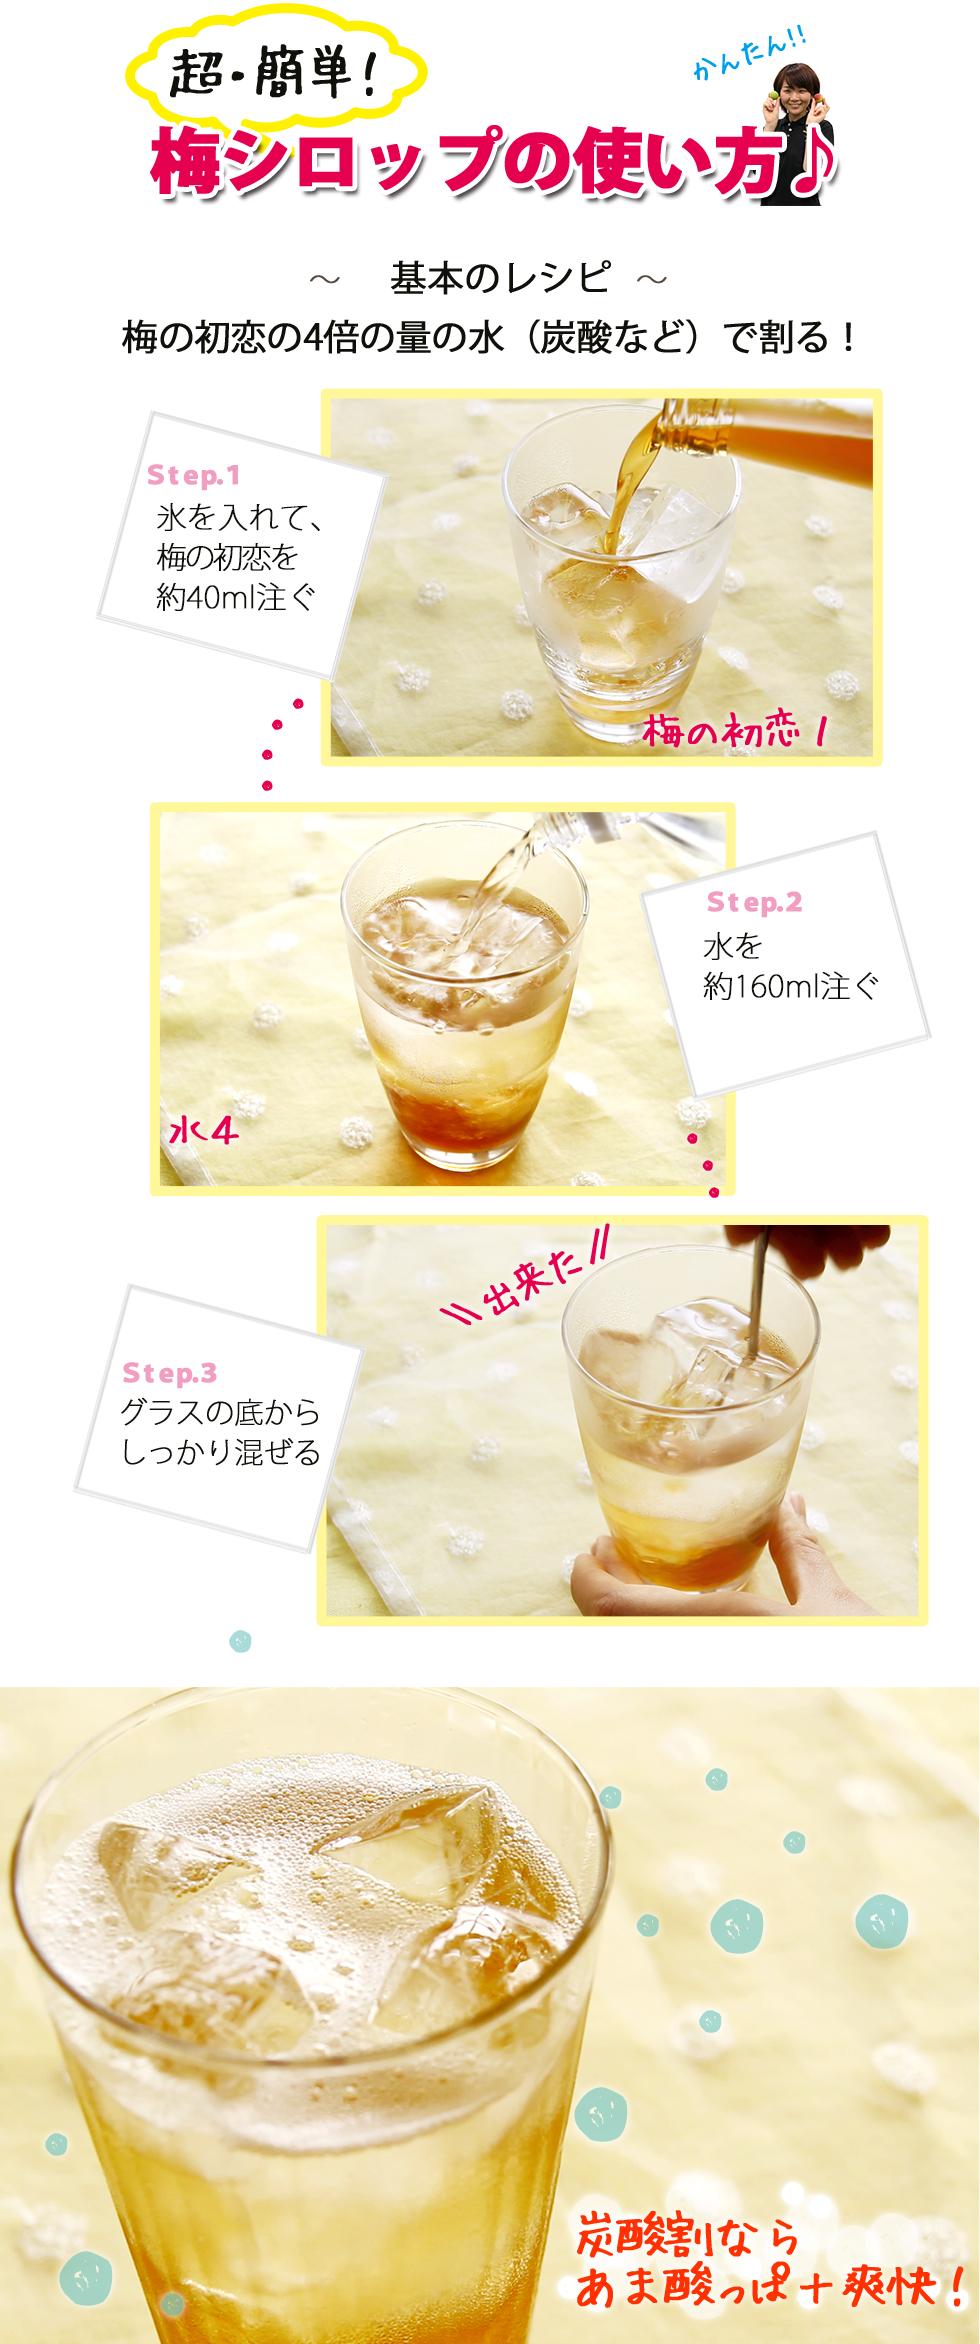 初恋1:水4の割合で割るのが基本の飲み方となります。